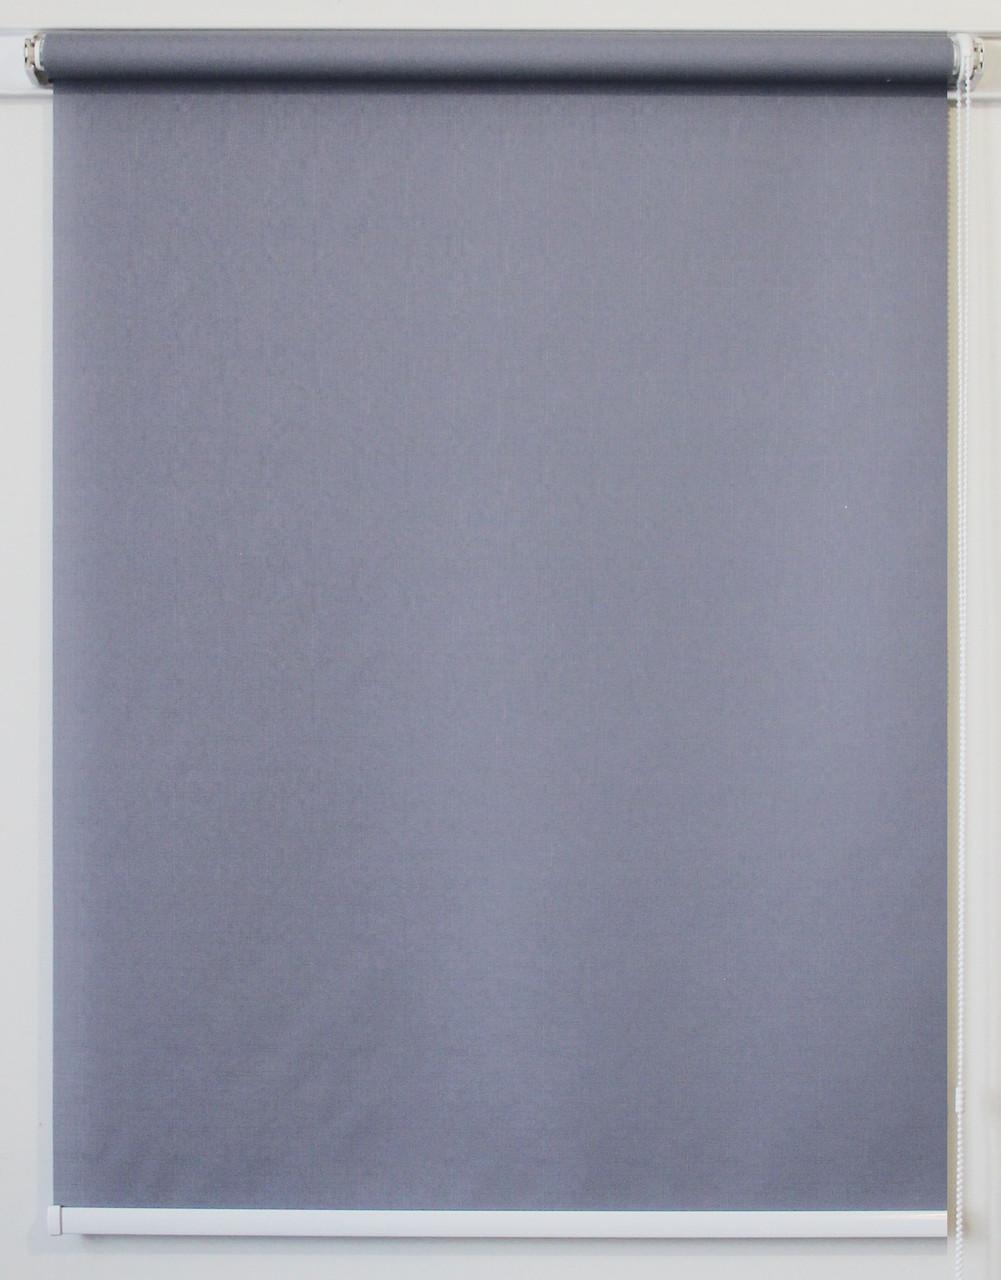 Рулонная штора 850*1500 Ткань Лён 7436 Серый